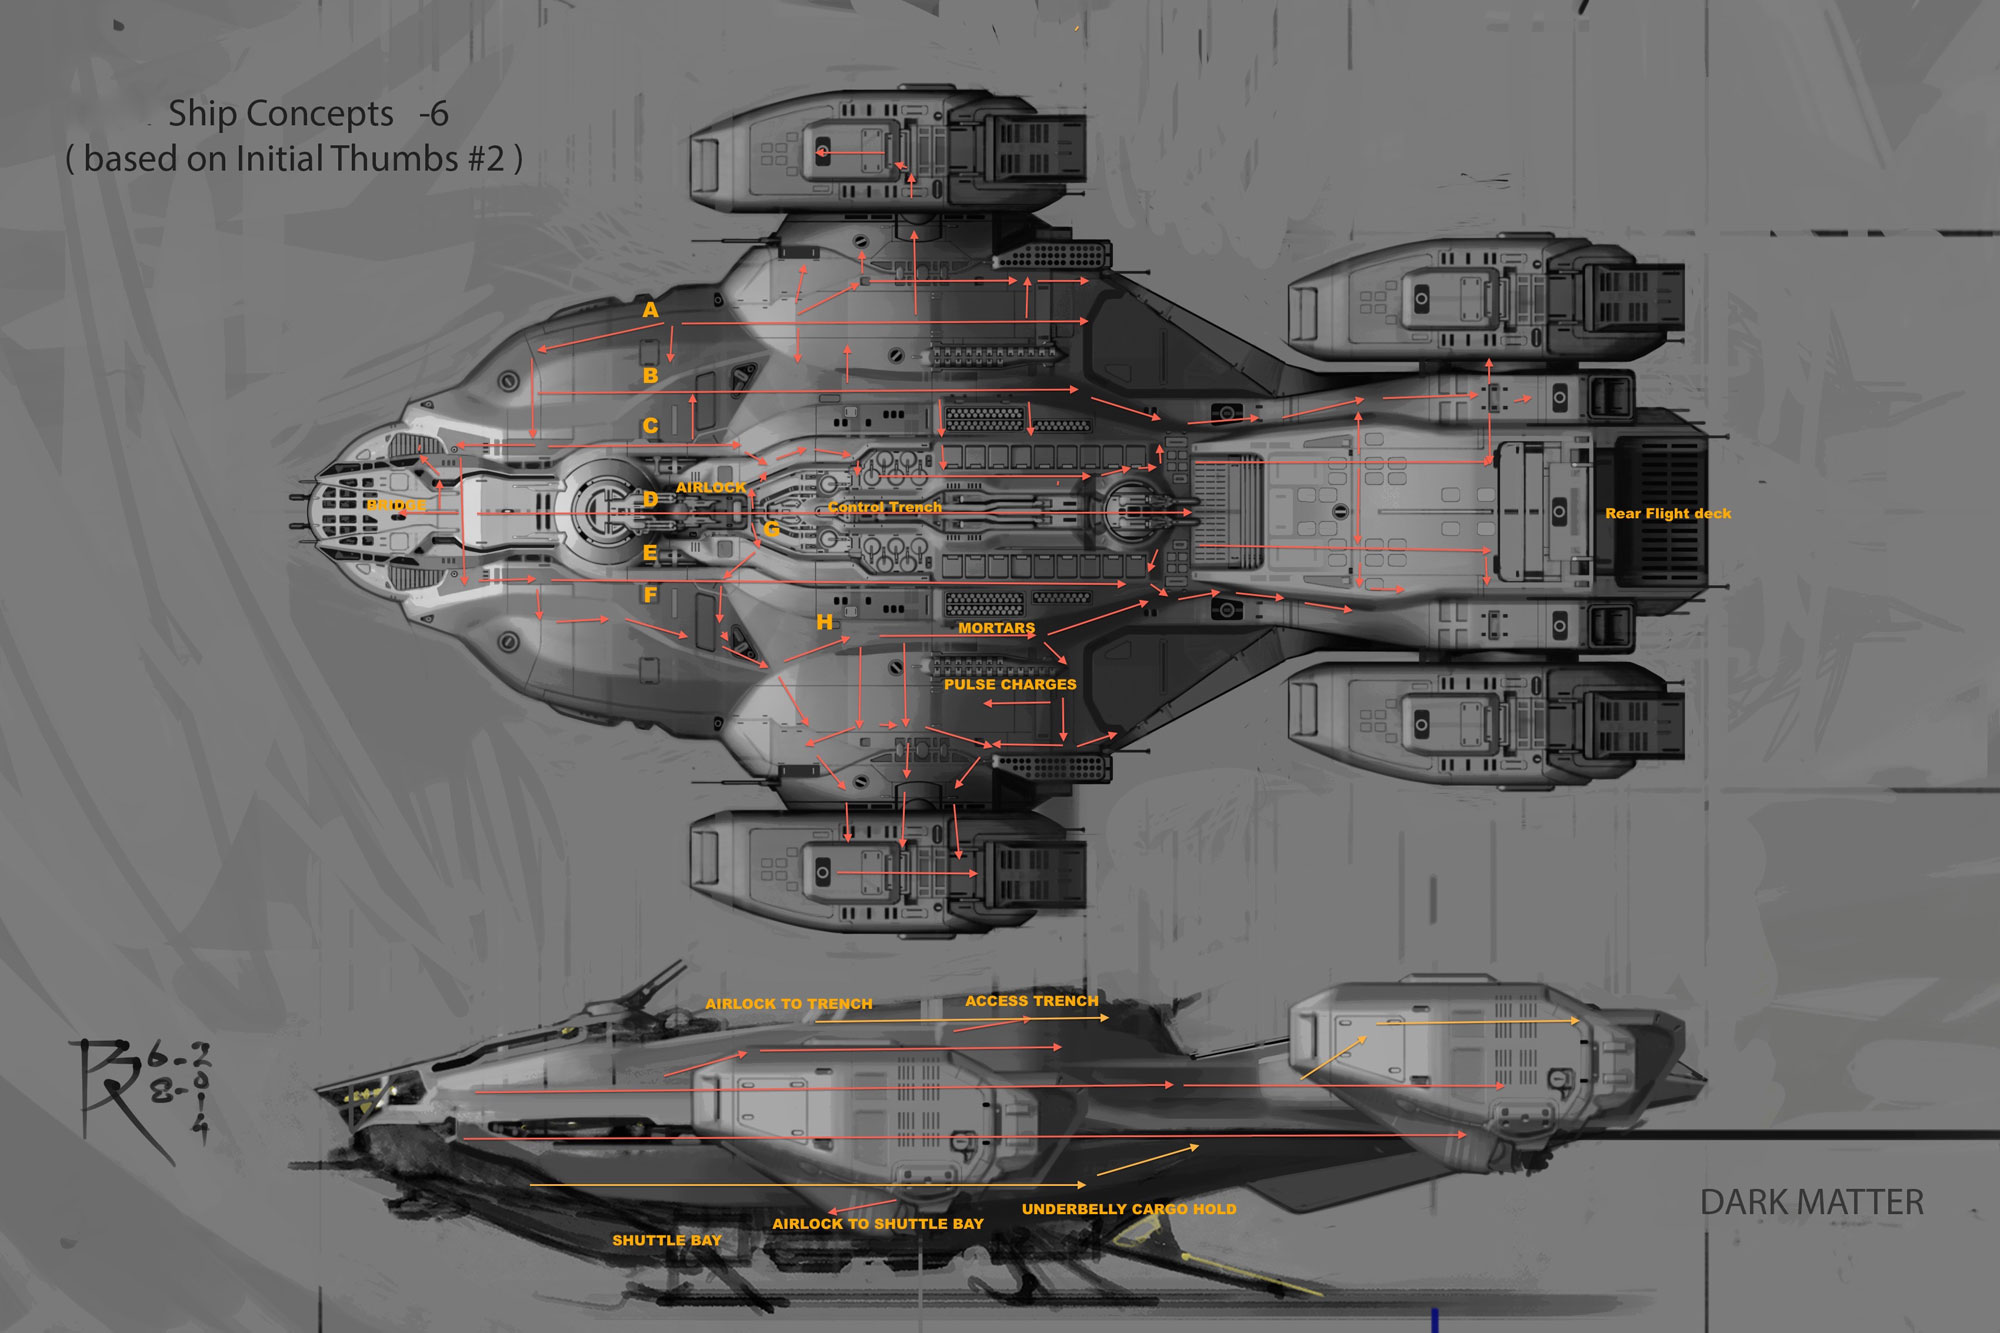 Taller de Encargos Oficial: Naves espaciales [Pide aquí tu nave espacial] - Página 3 Latest?cb=20150610014341